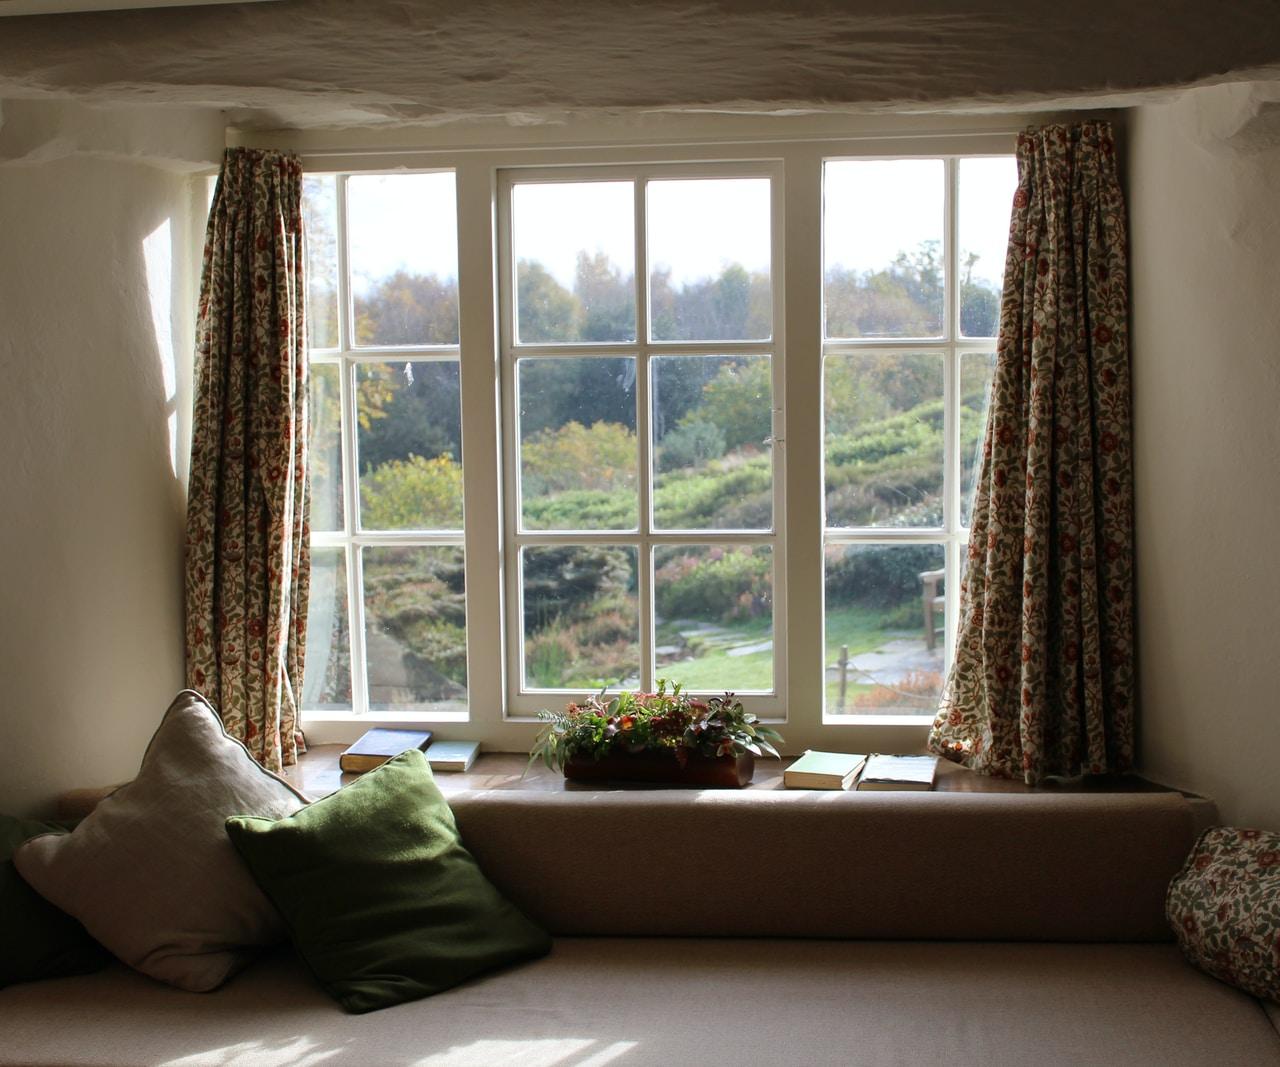 Co ma wpływ na cenę okien?